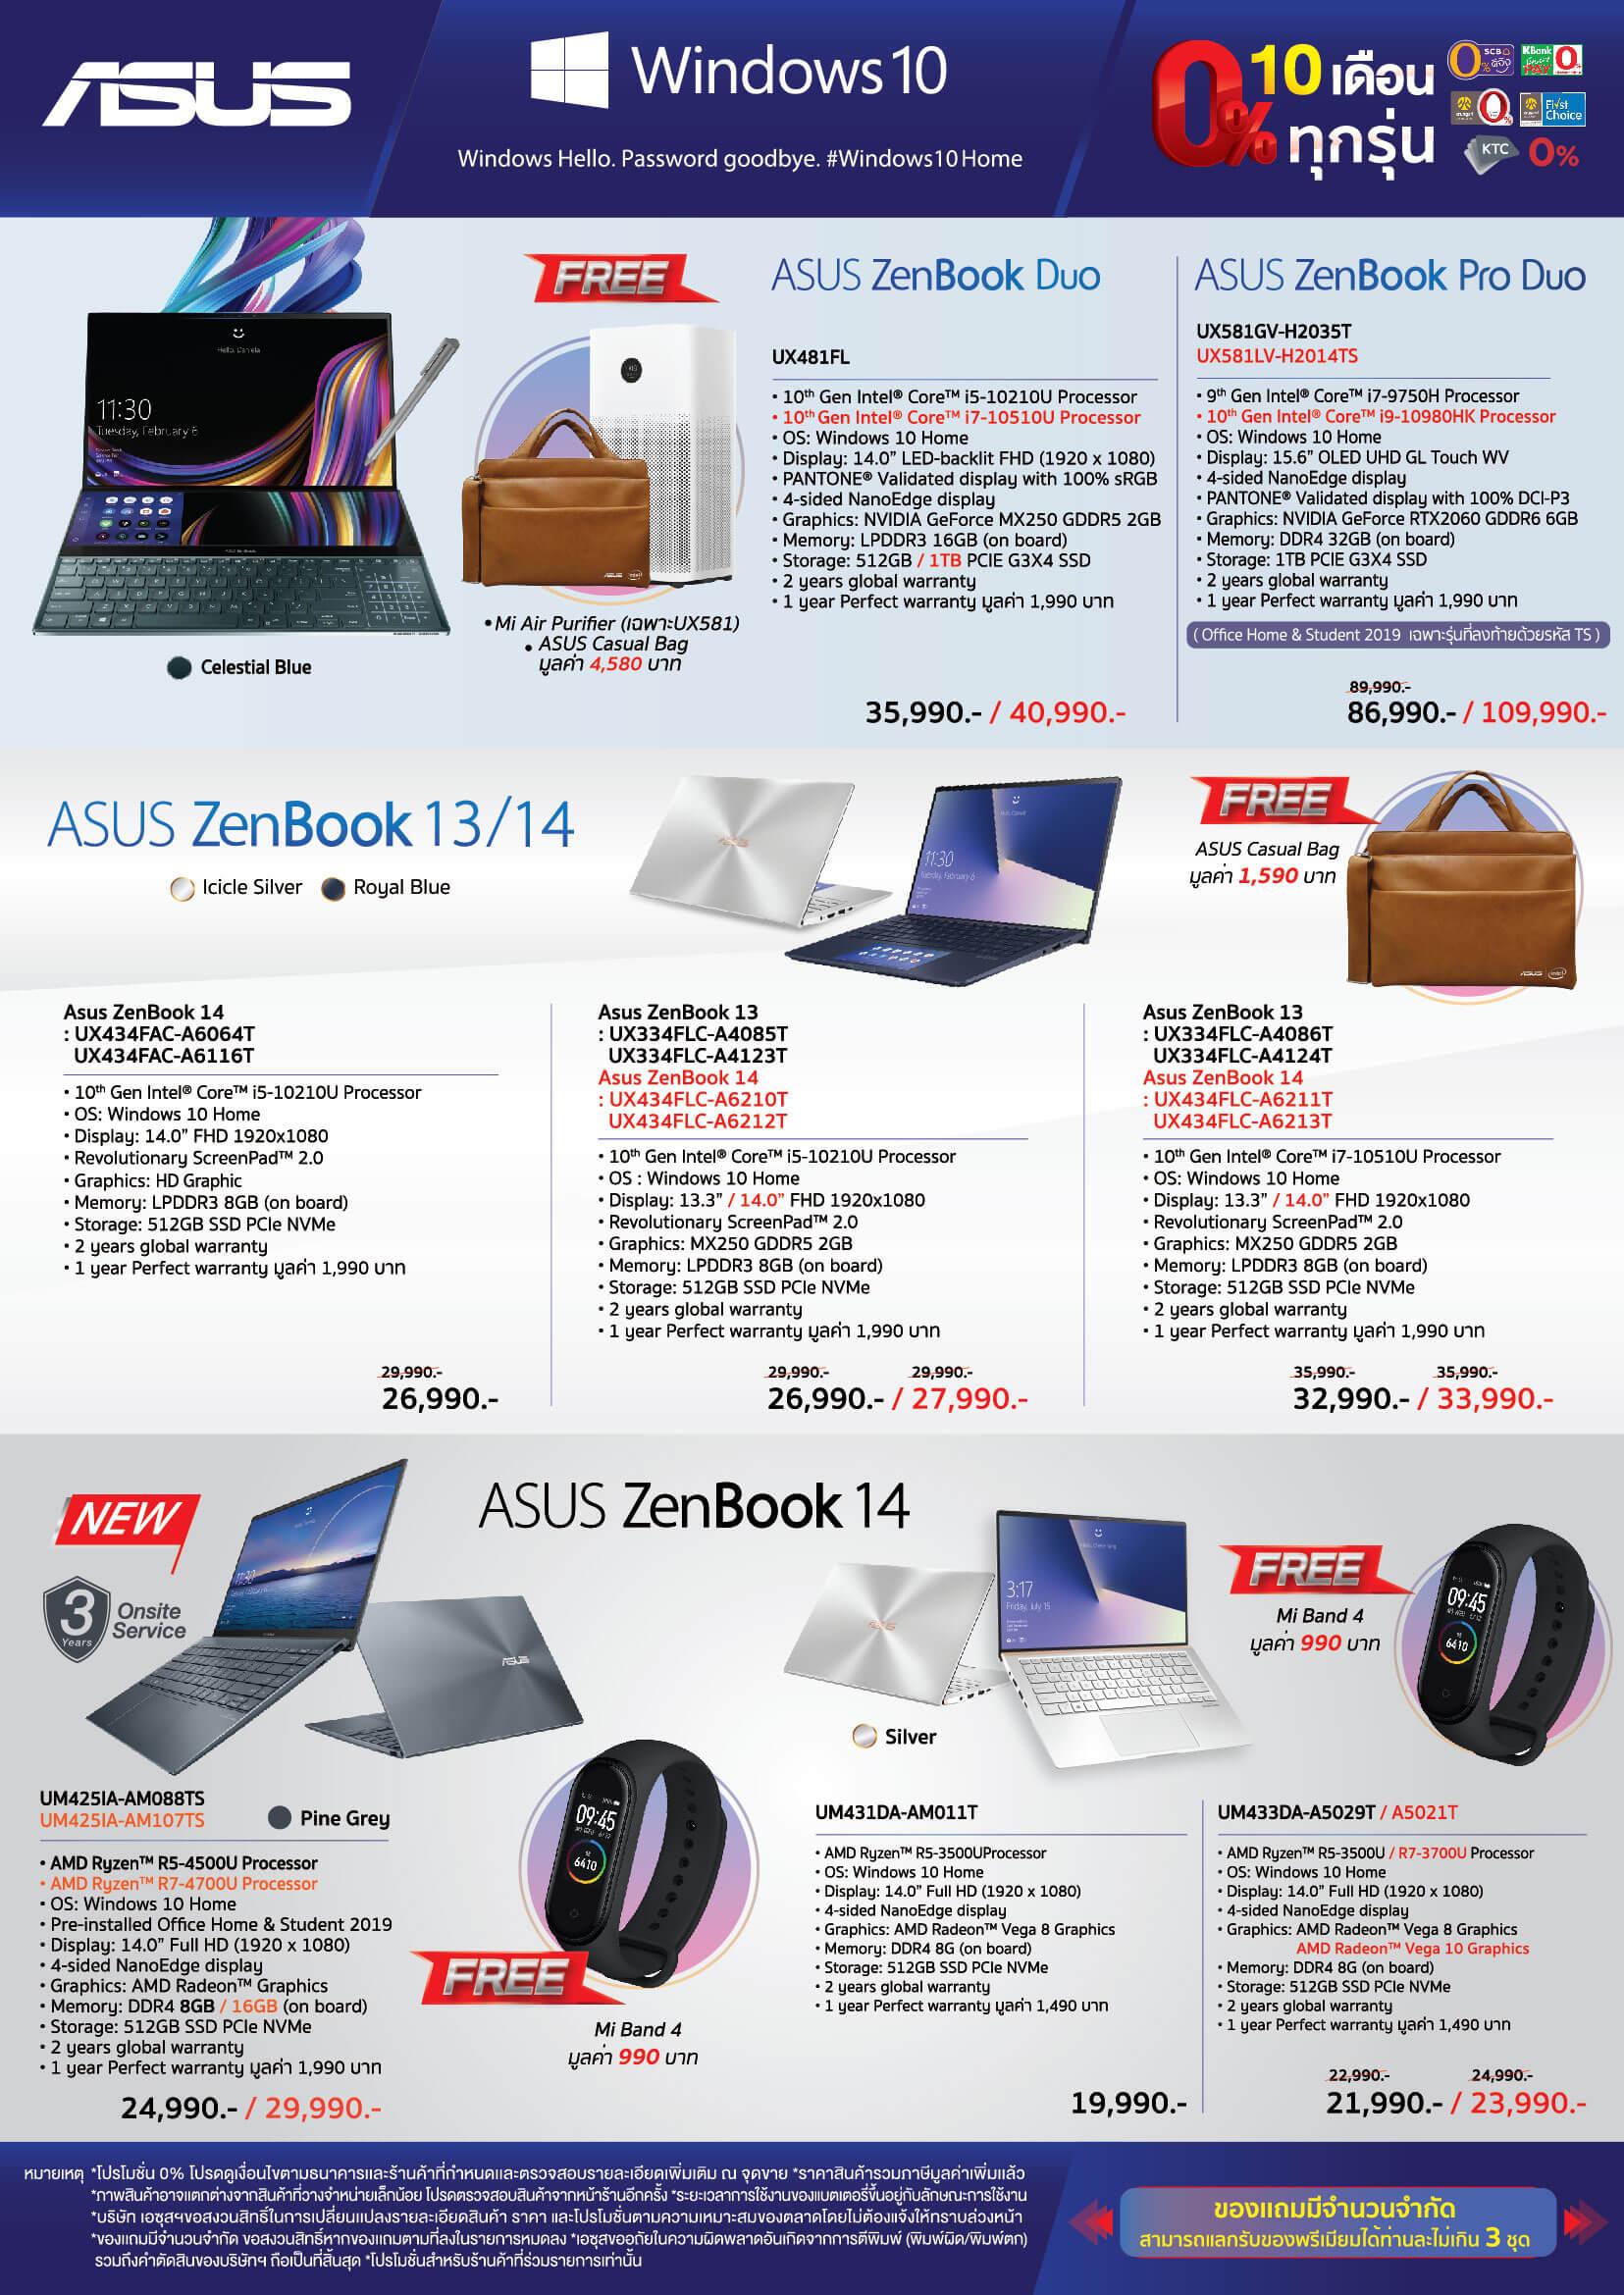 5f3a860da9ed9 CM Q3 2020 Leaflet Size W21xH29 7cm NewLayoutOL 02